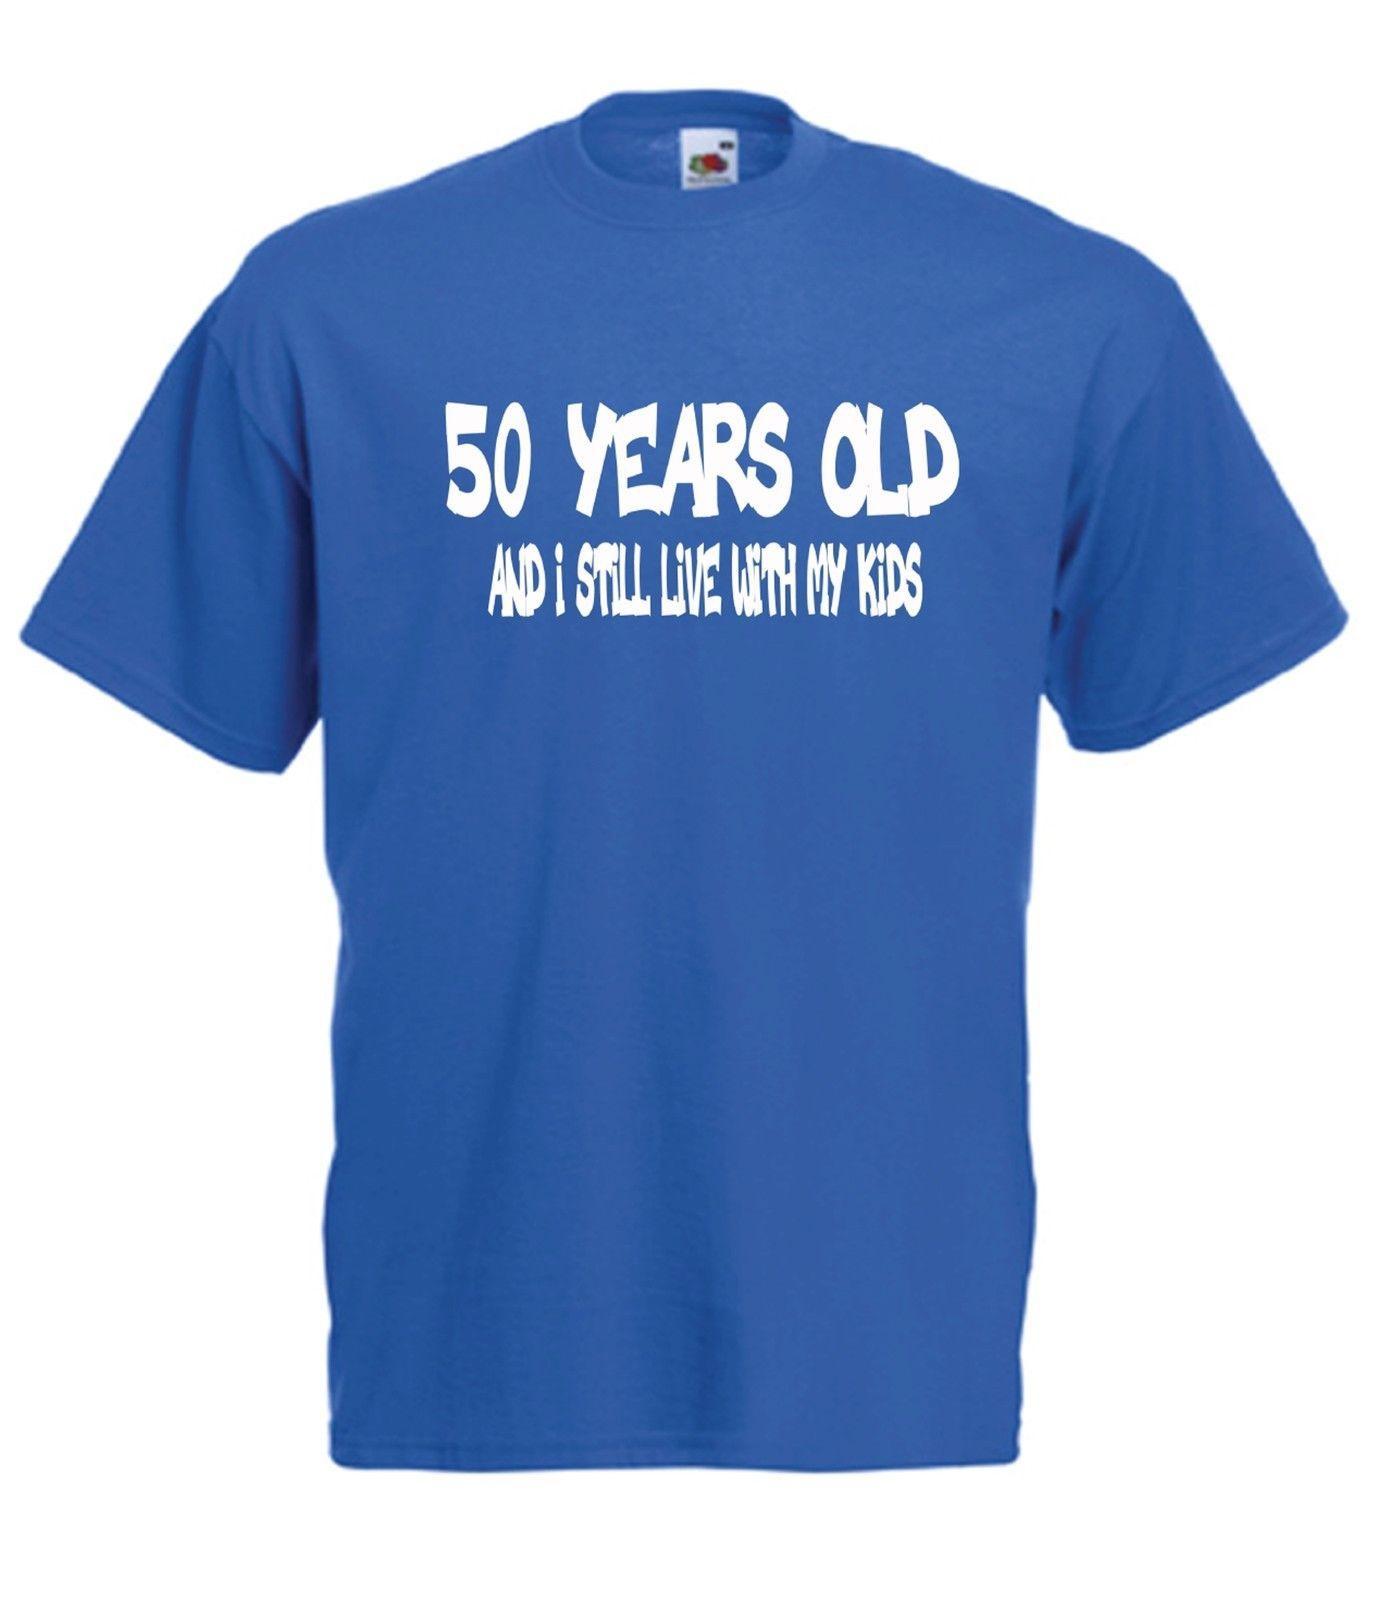 Grosshandel Geburtstags Party Der Vater 50 Partei Weihnachtsgeschenkidee Lustigen Frauen T Shirt Spitze Manner Freies Verschiffen